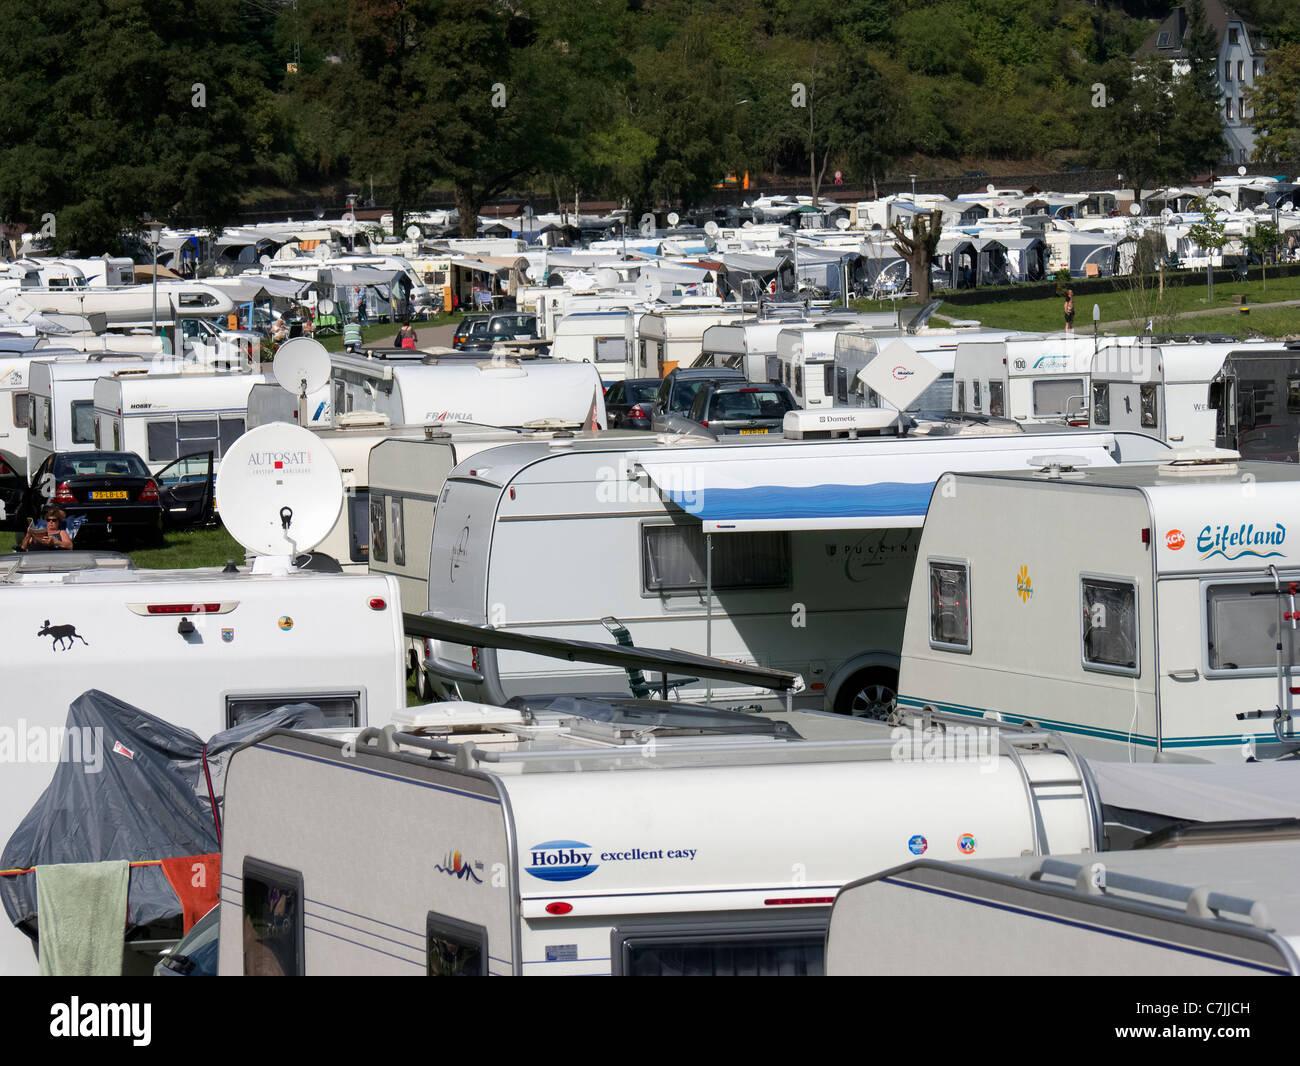 Busy caravan park beside River Rhine at the famous Loreley rock near Saint Goar in Germany - Stock Image